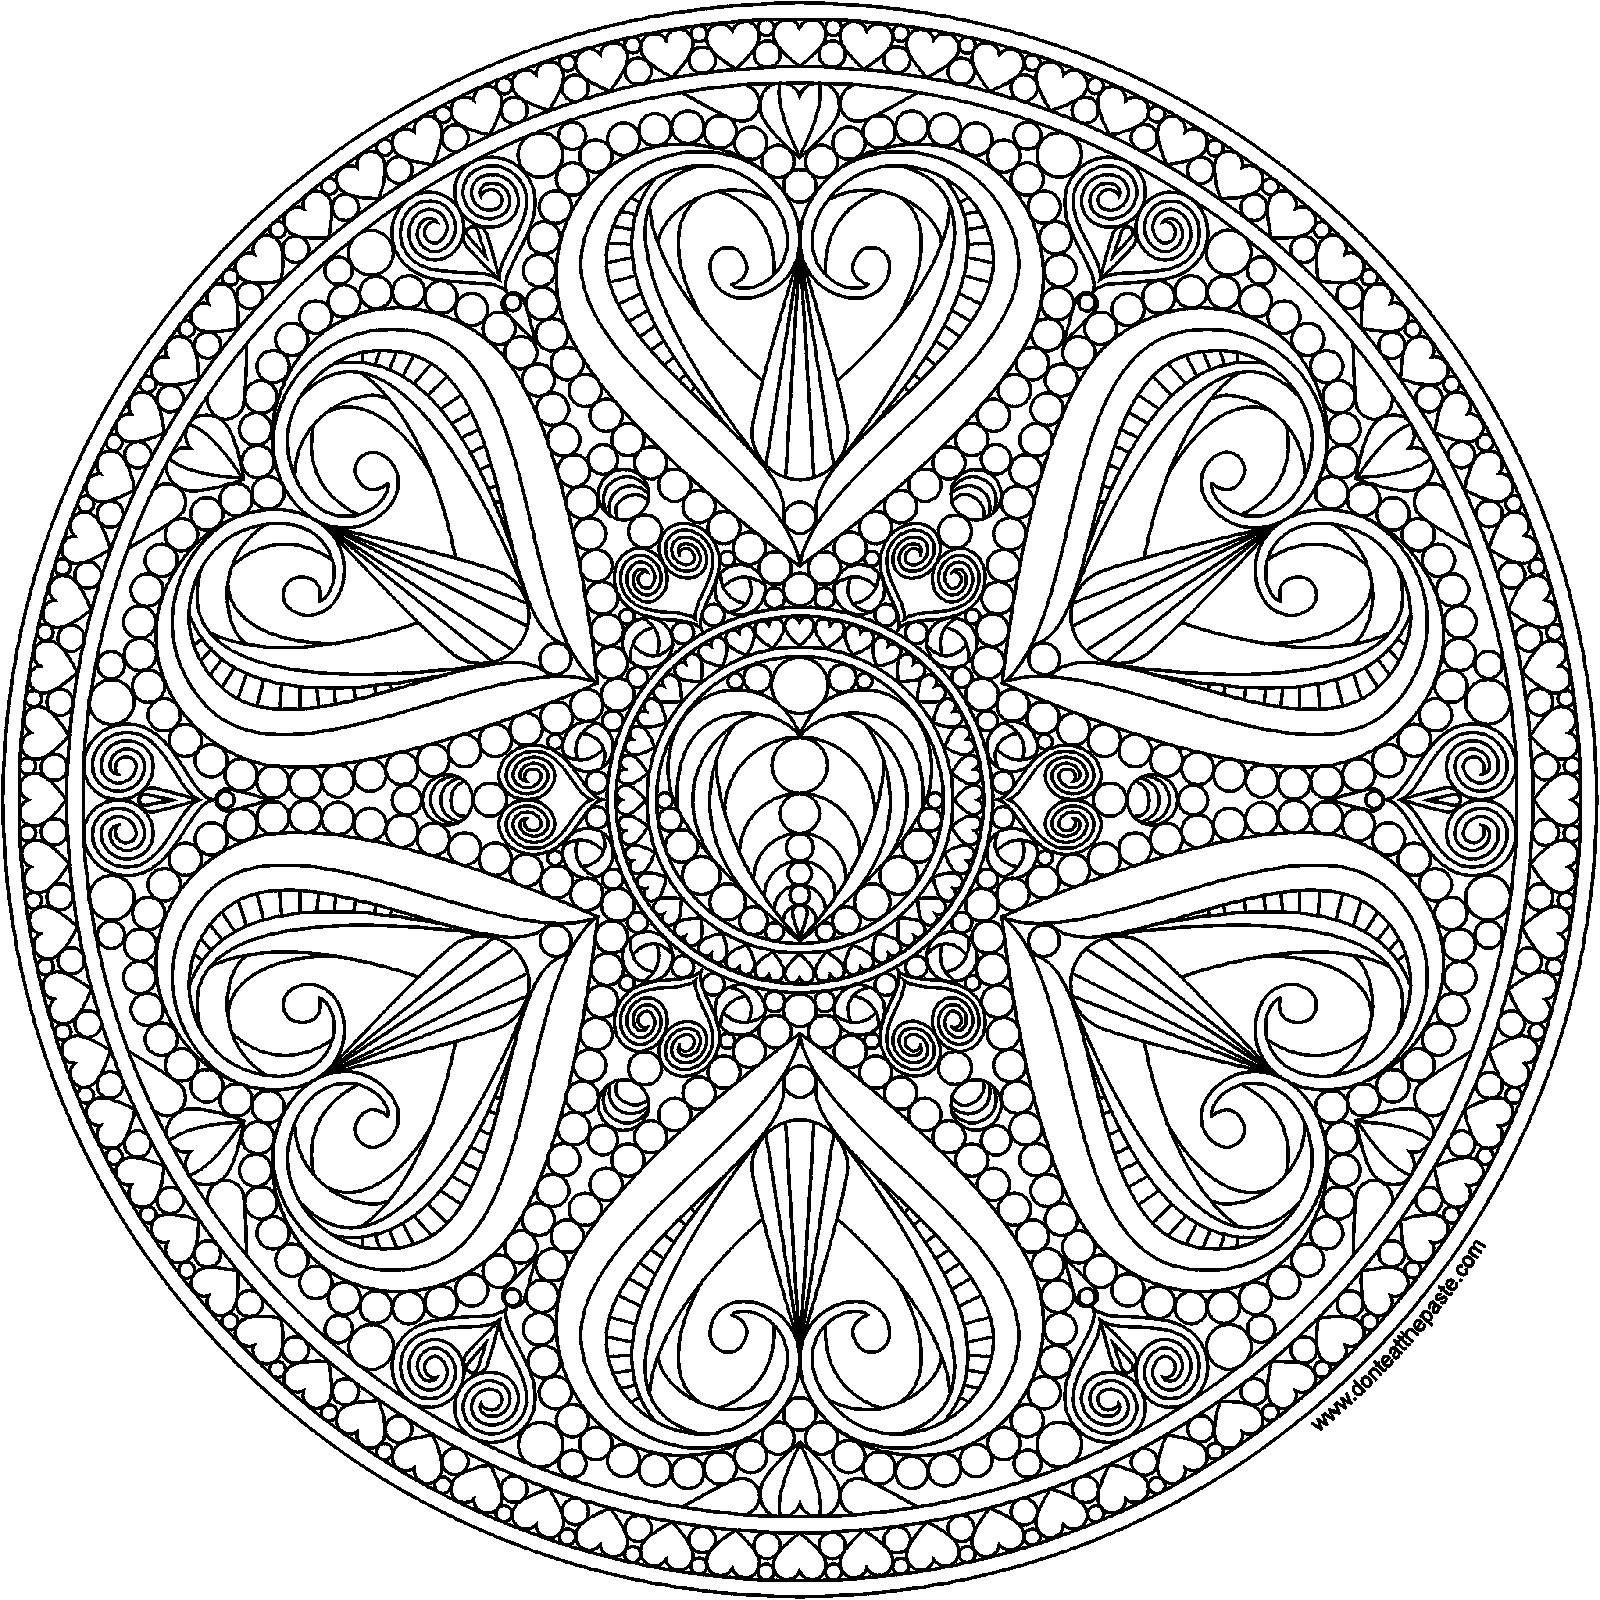 Mandala Für Erwachsene Zum Ausdrucken Kostenlos Neu 100 Schöne Ausmalbilder Für Erwachsene Bilder Ideen Fotografieren